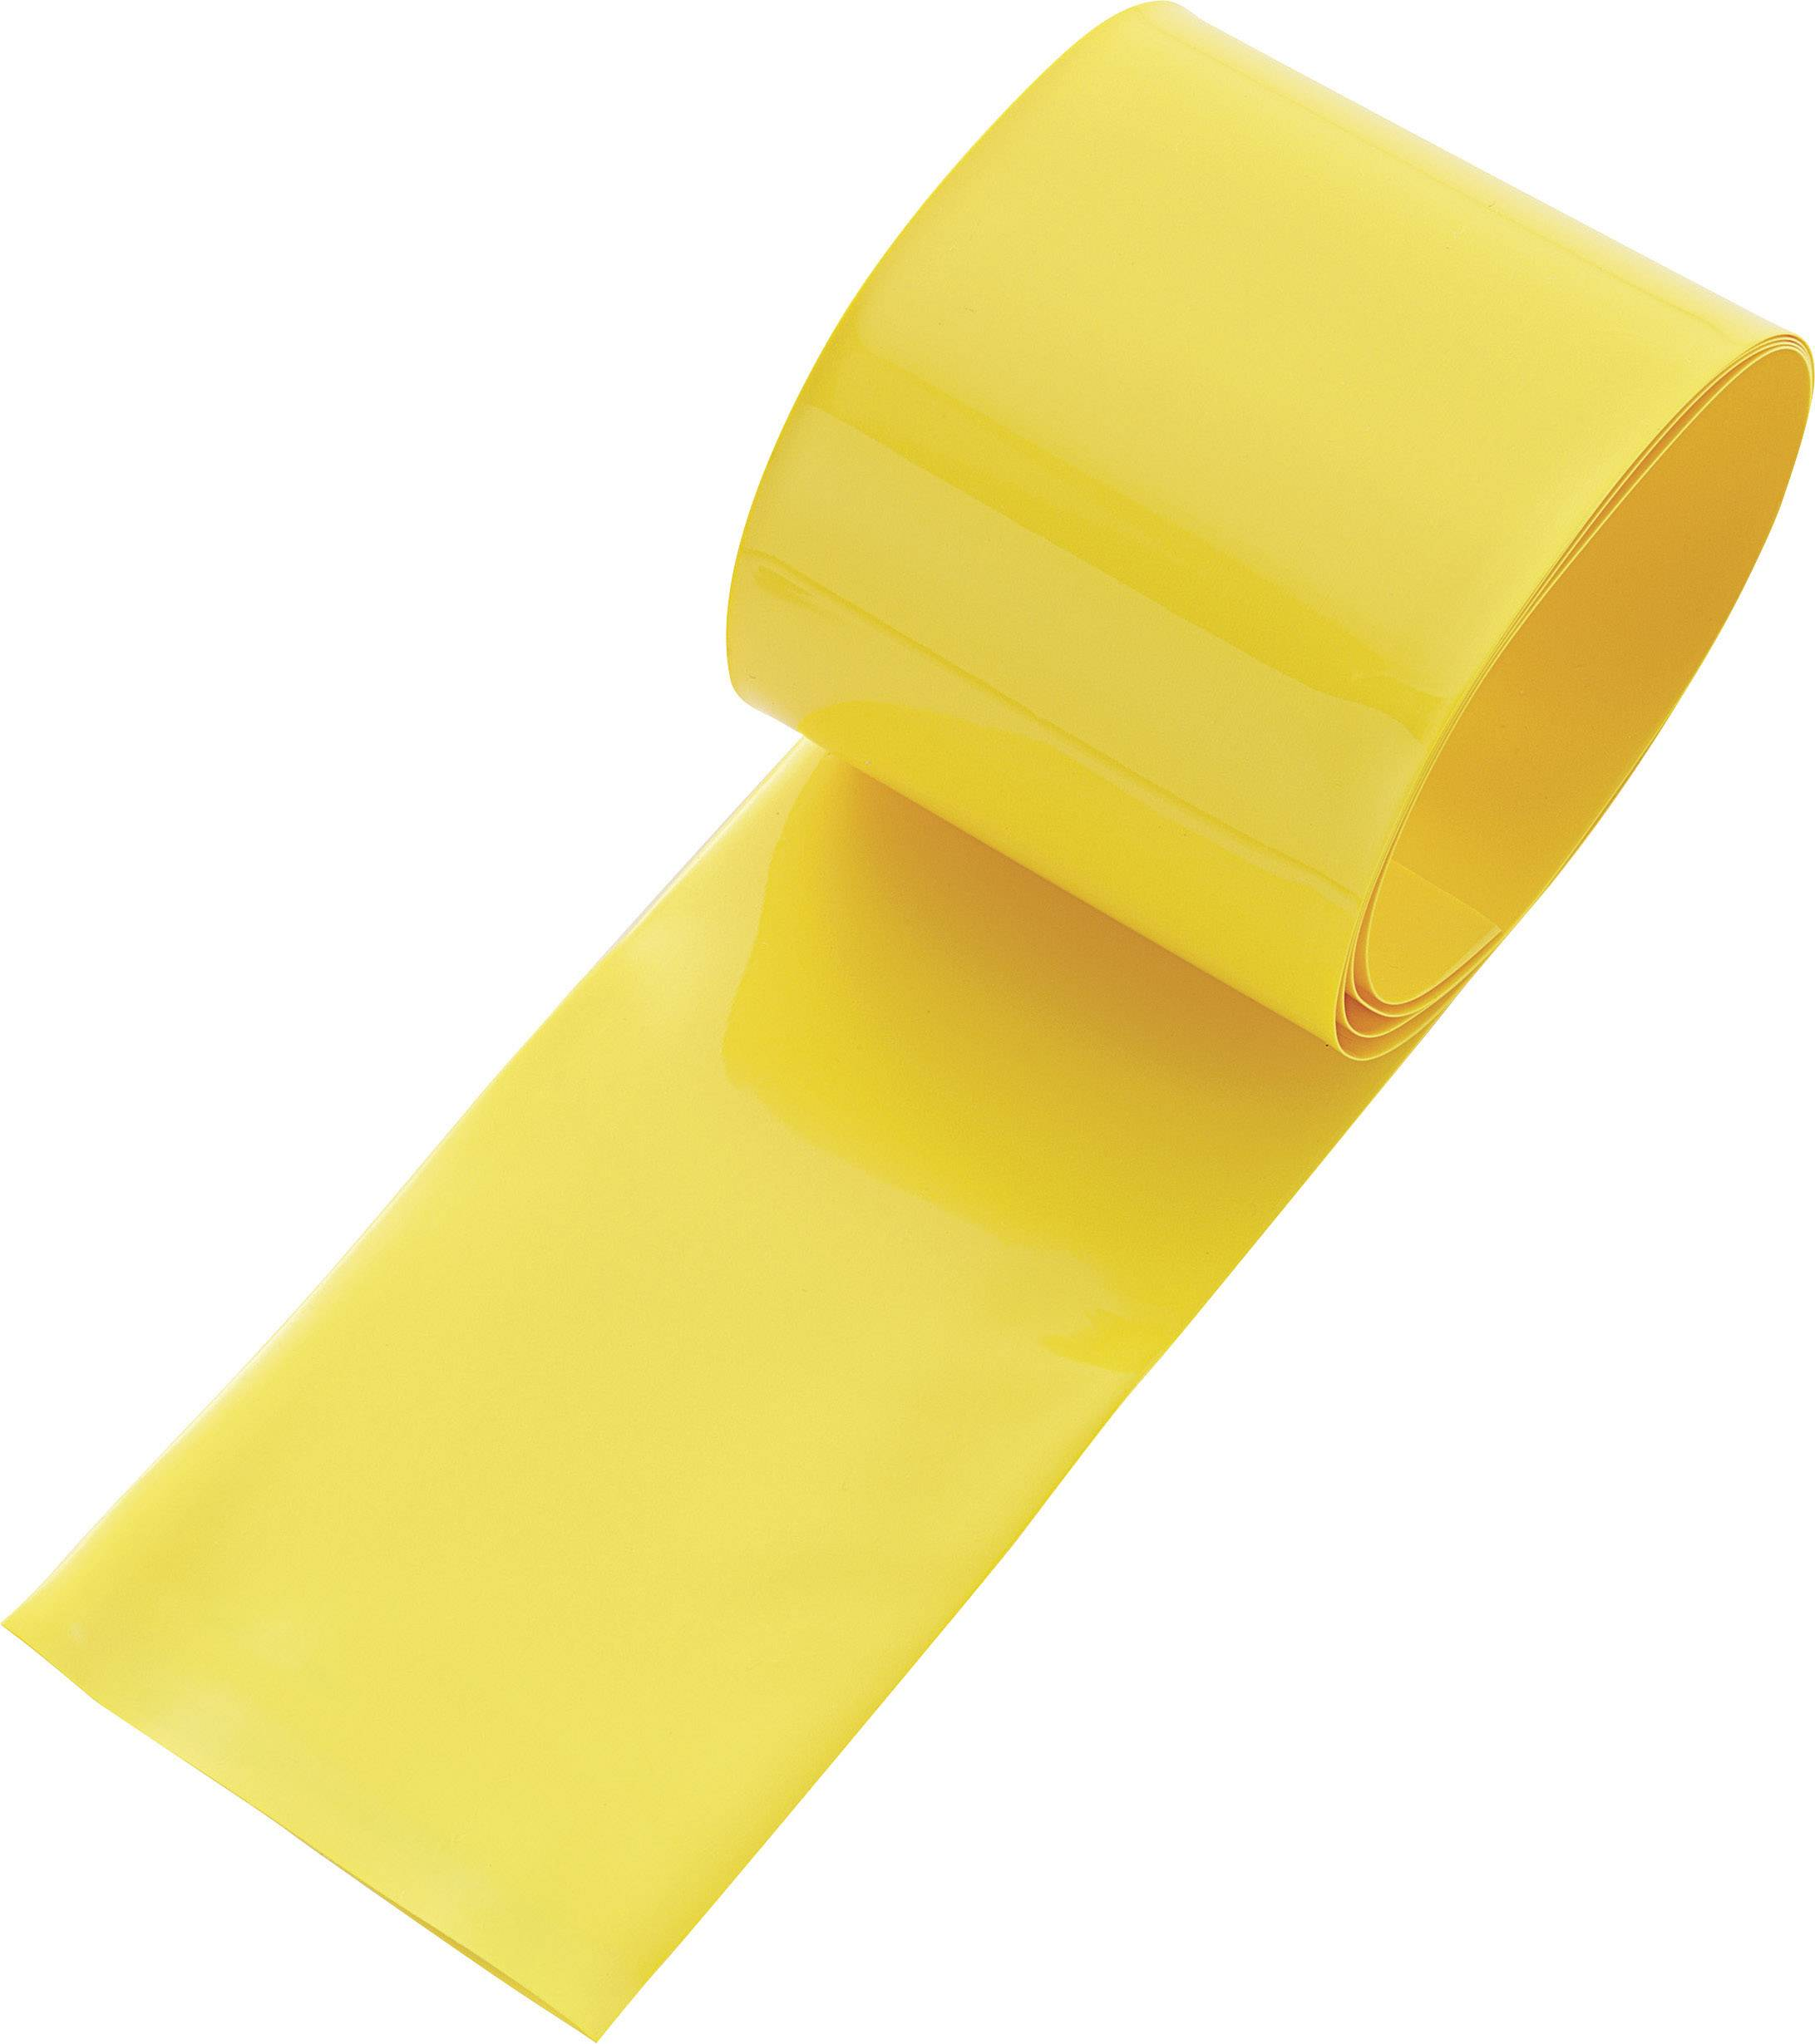 Zmršťovacia bužírka na akumulátory, bez lepidla TRU COMPONENTS 93014c85c, 48 mm, žltá, 1 ks